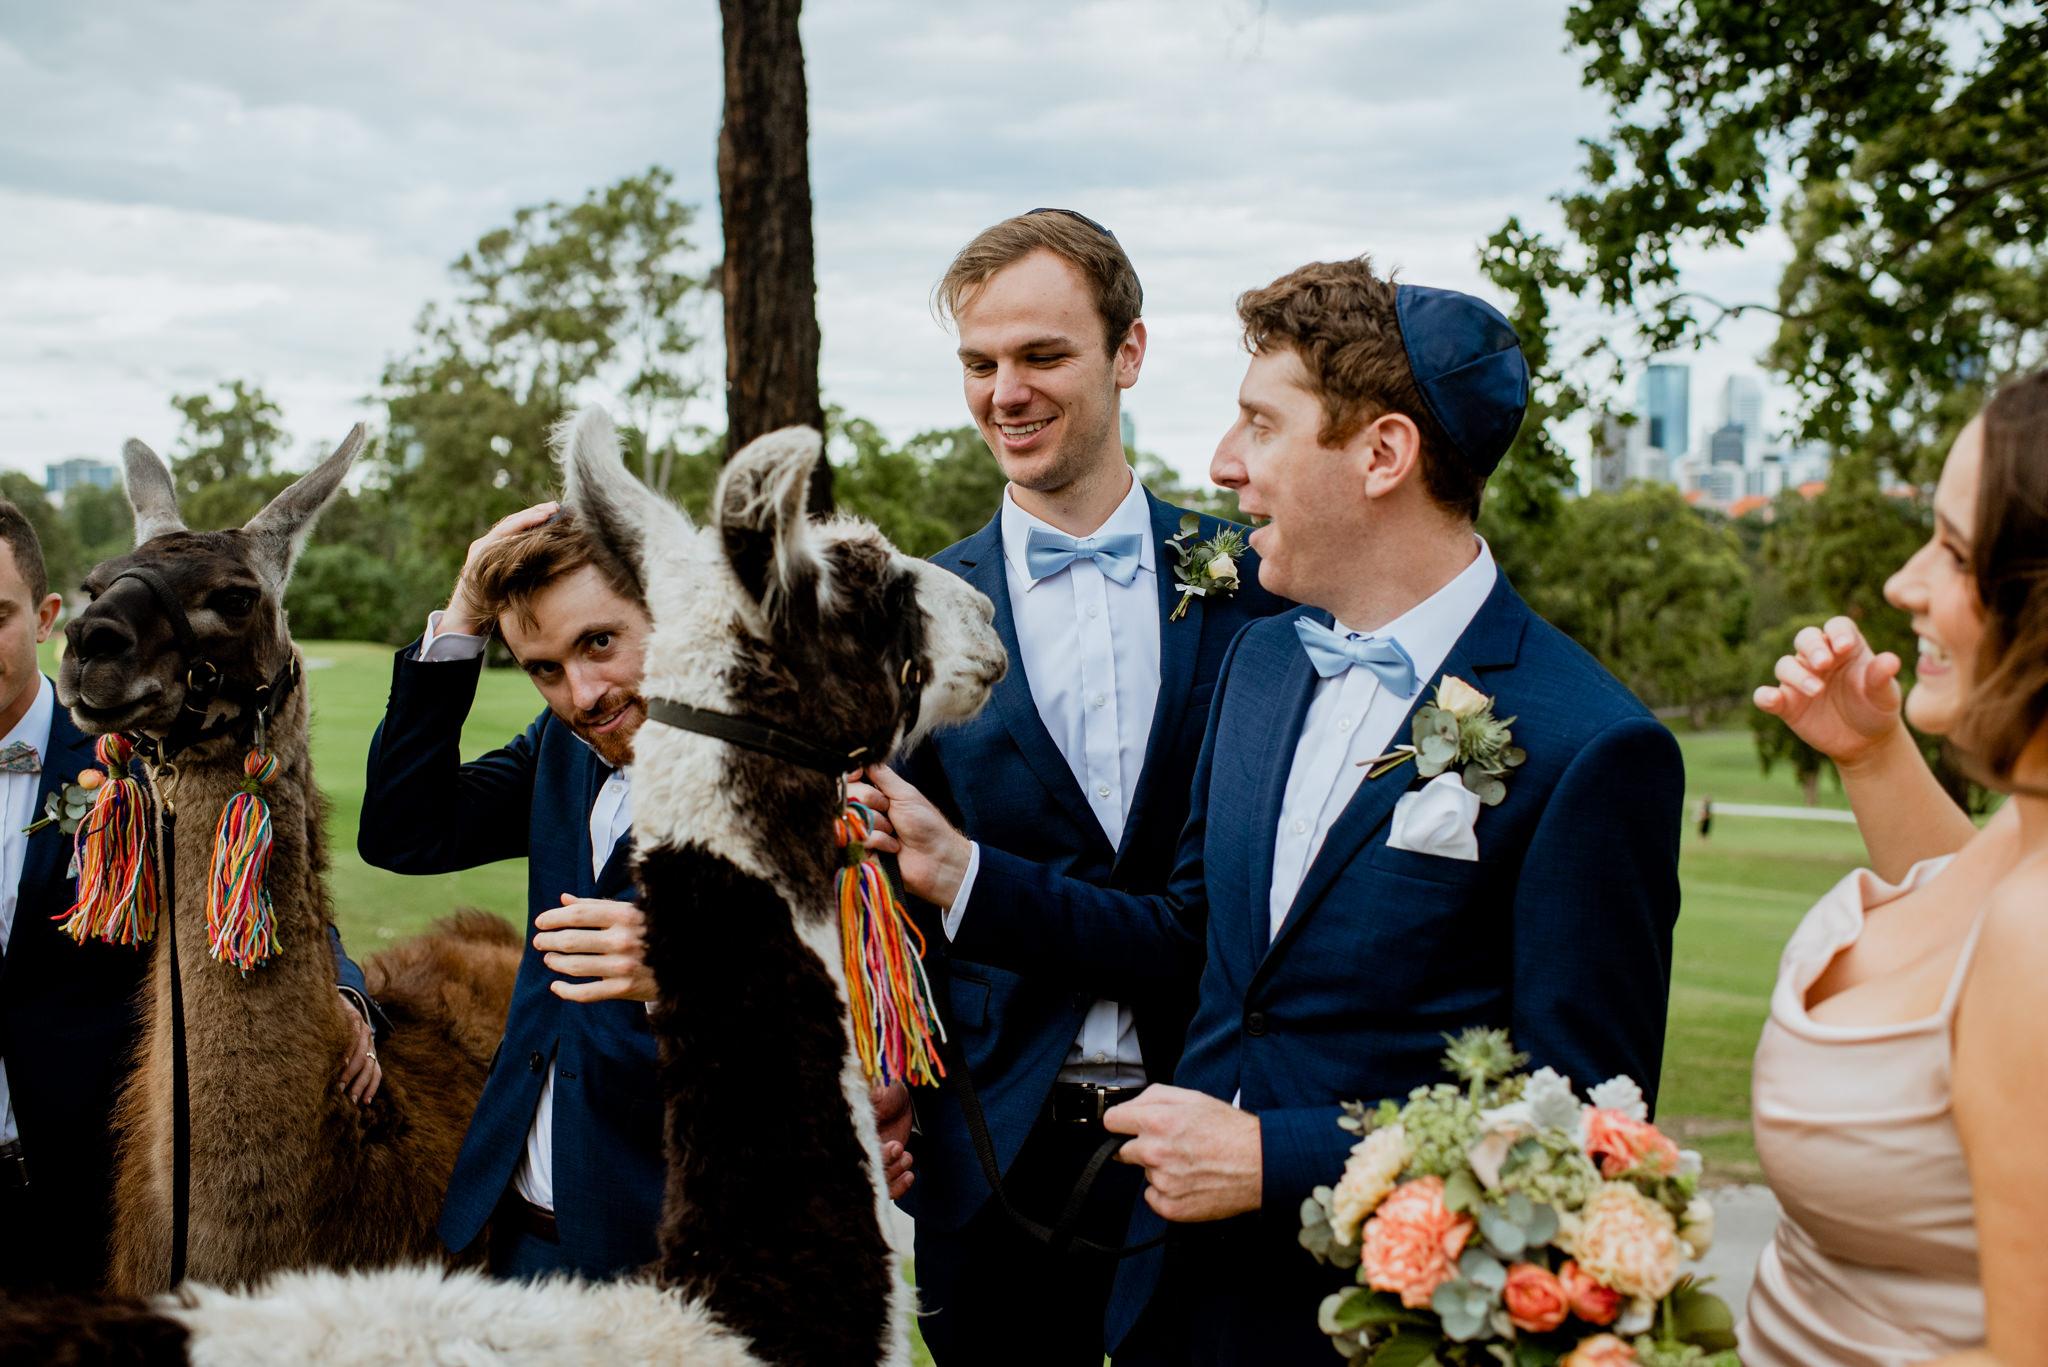 Groomsmen laugh as they pat llama